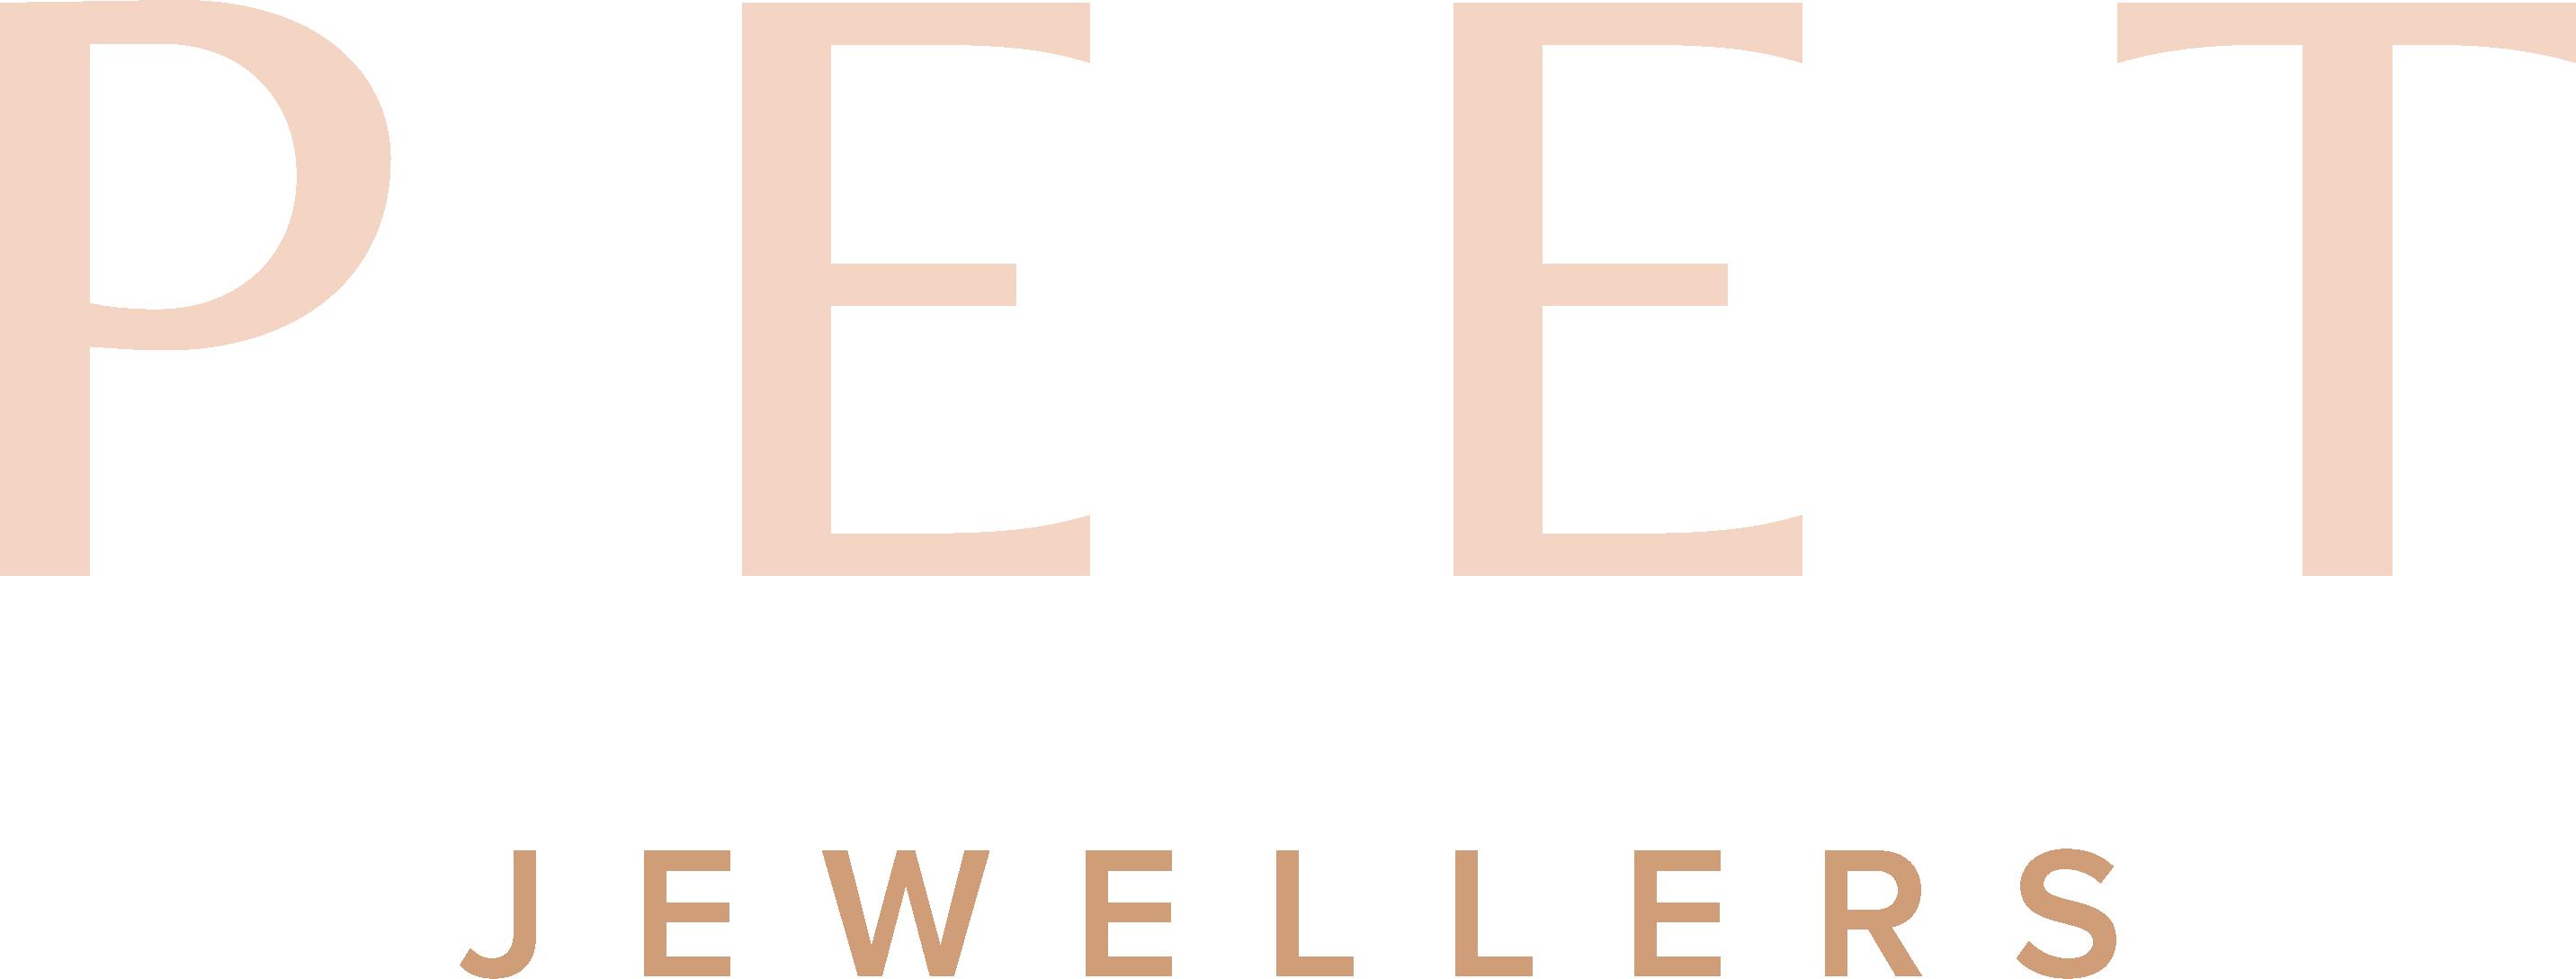 https://www.mmyc.org.nz/wp-content/uploads/2021/01/peet_logo.png